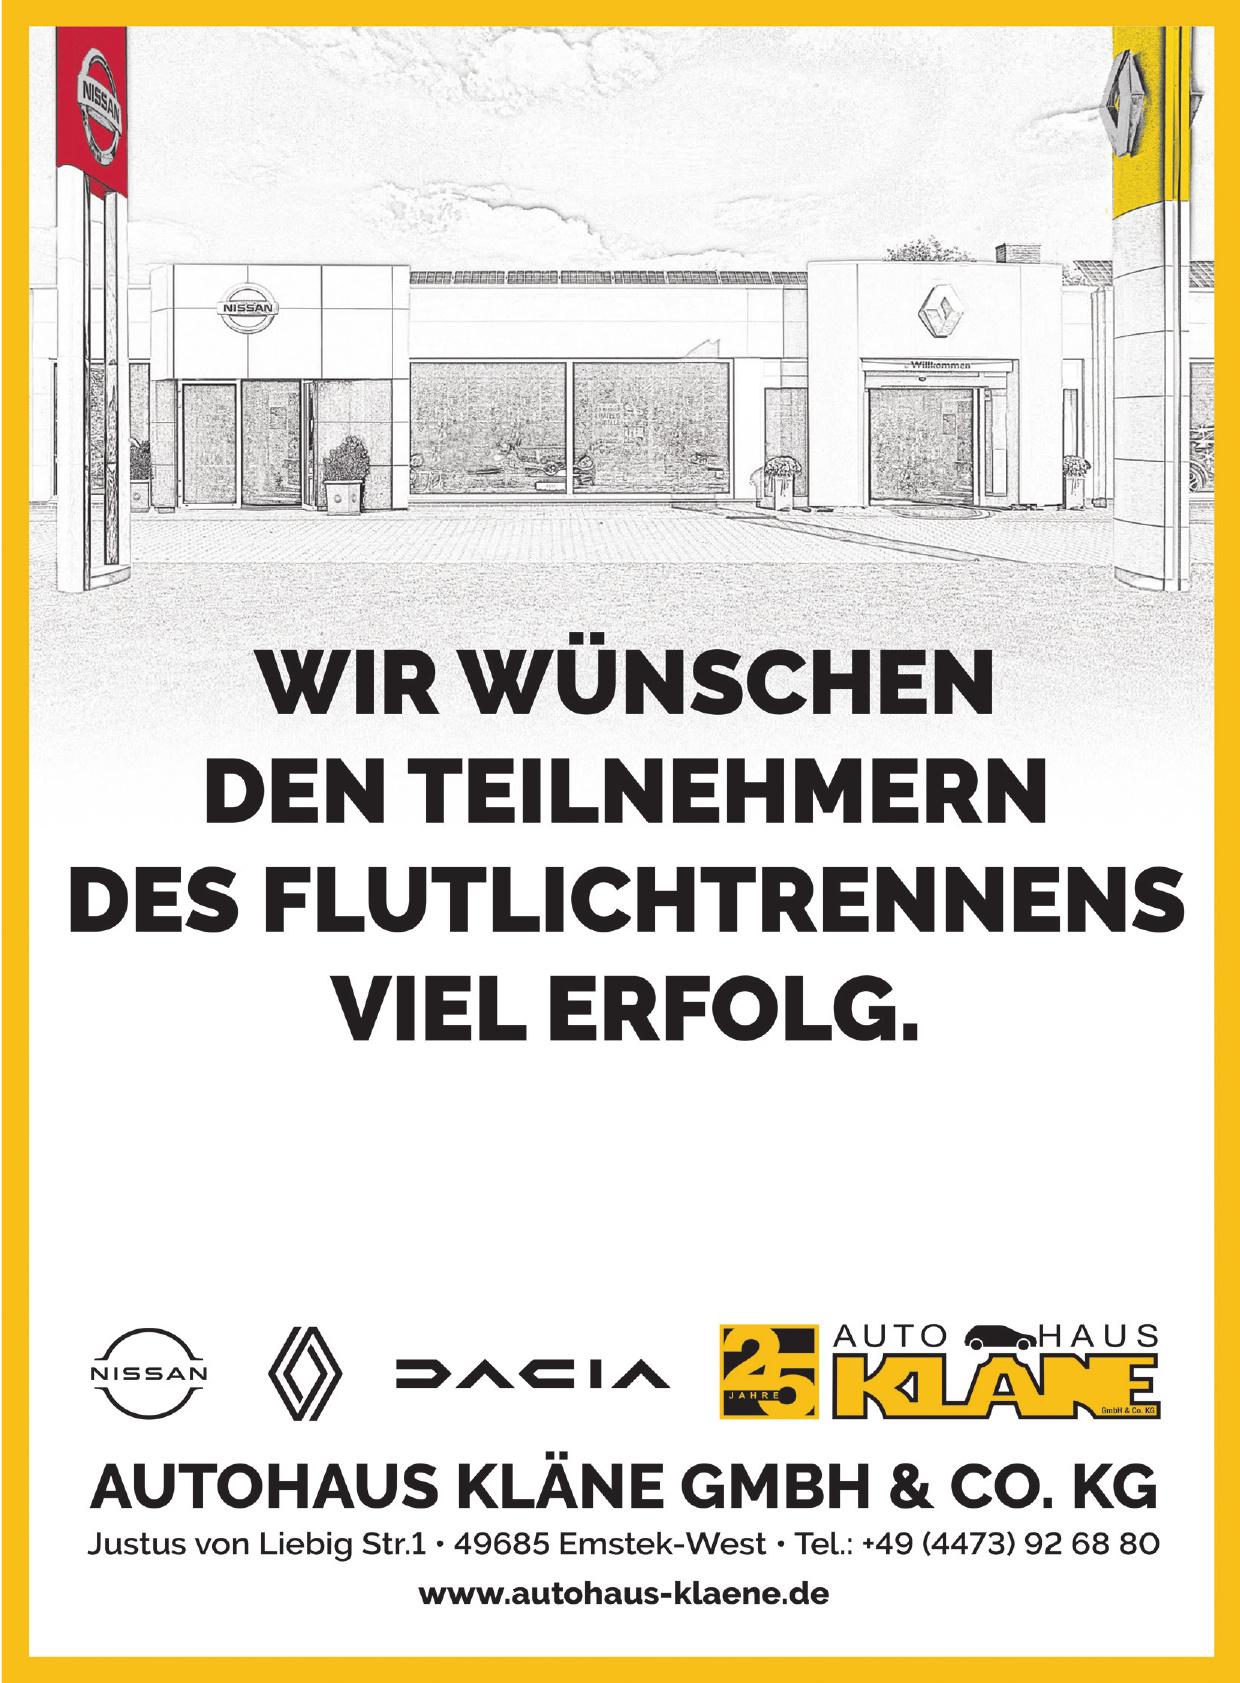 Autohaus Kläne GmbH & Co. KG